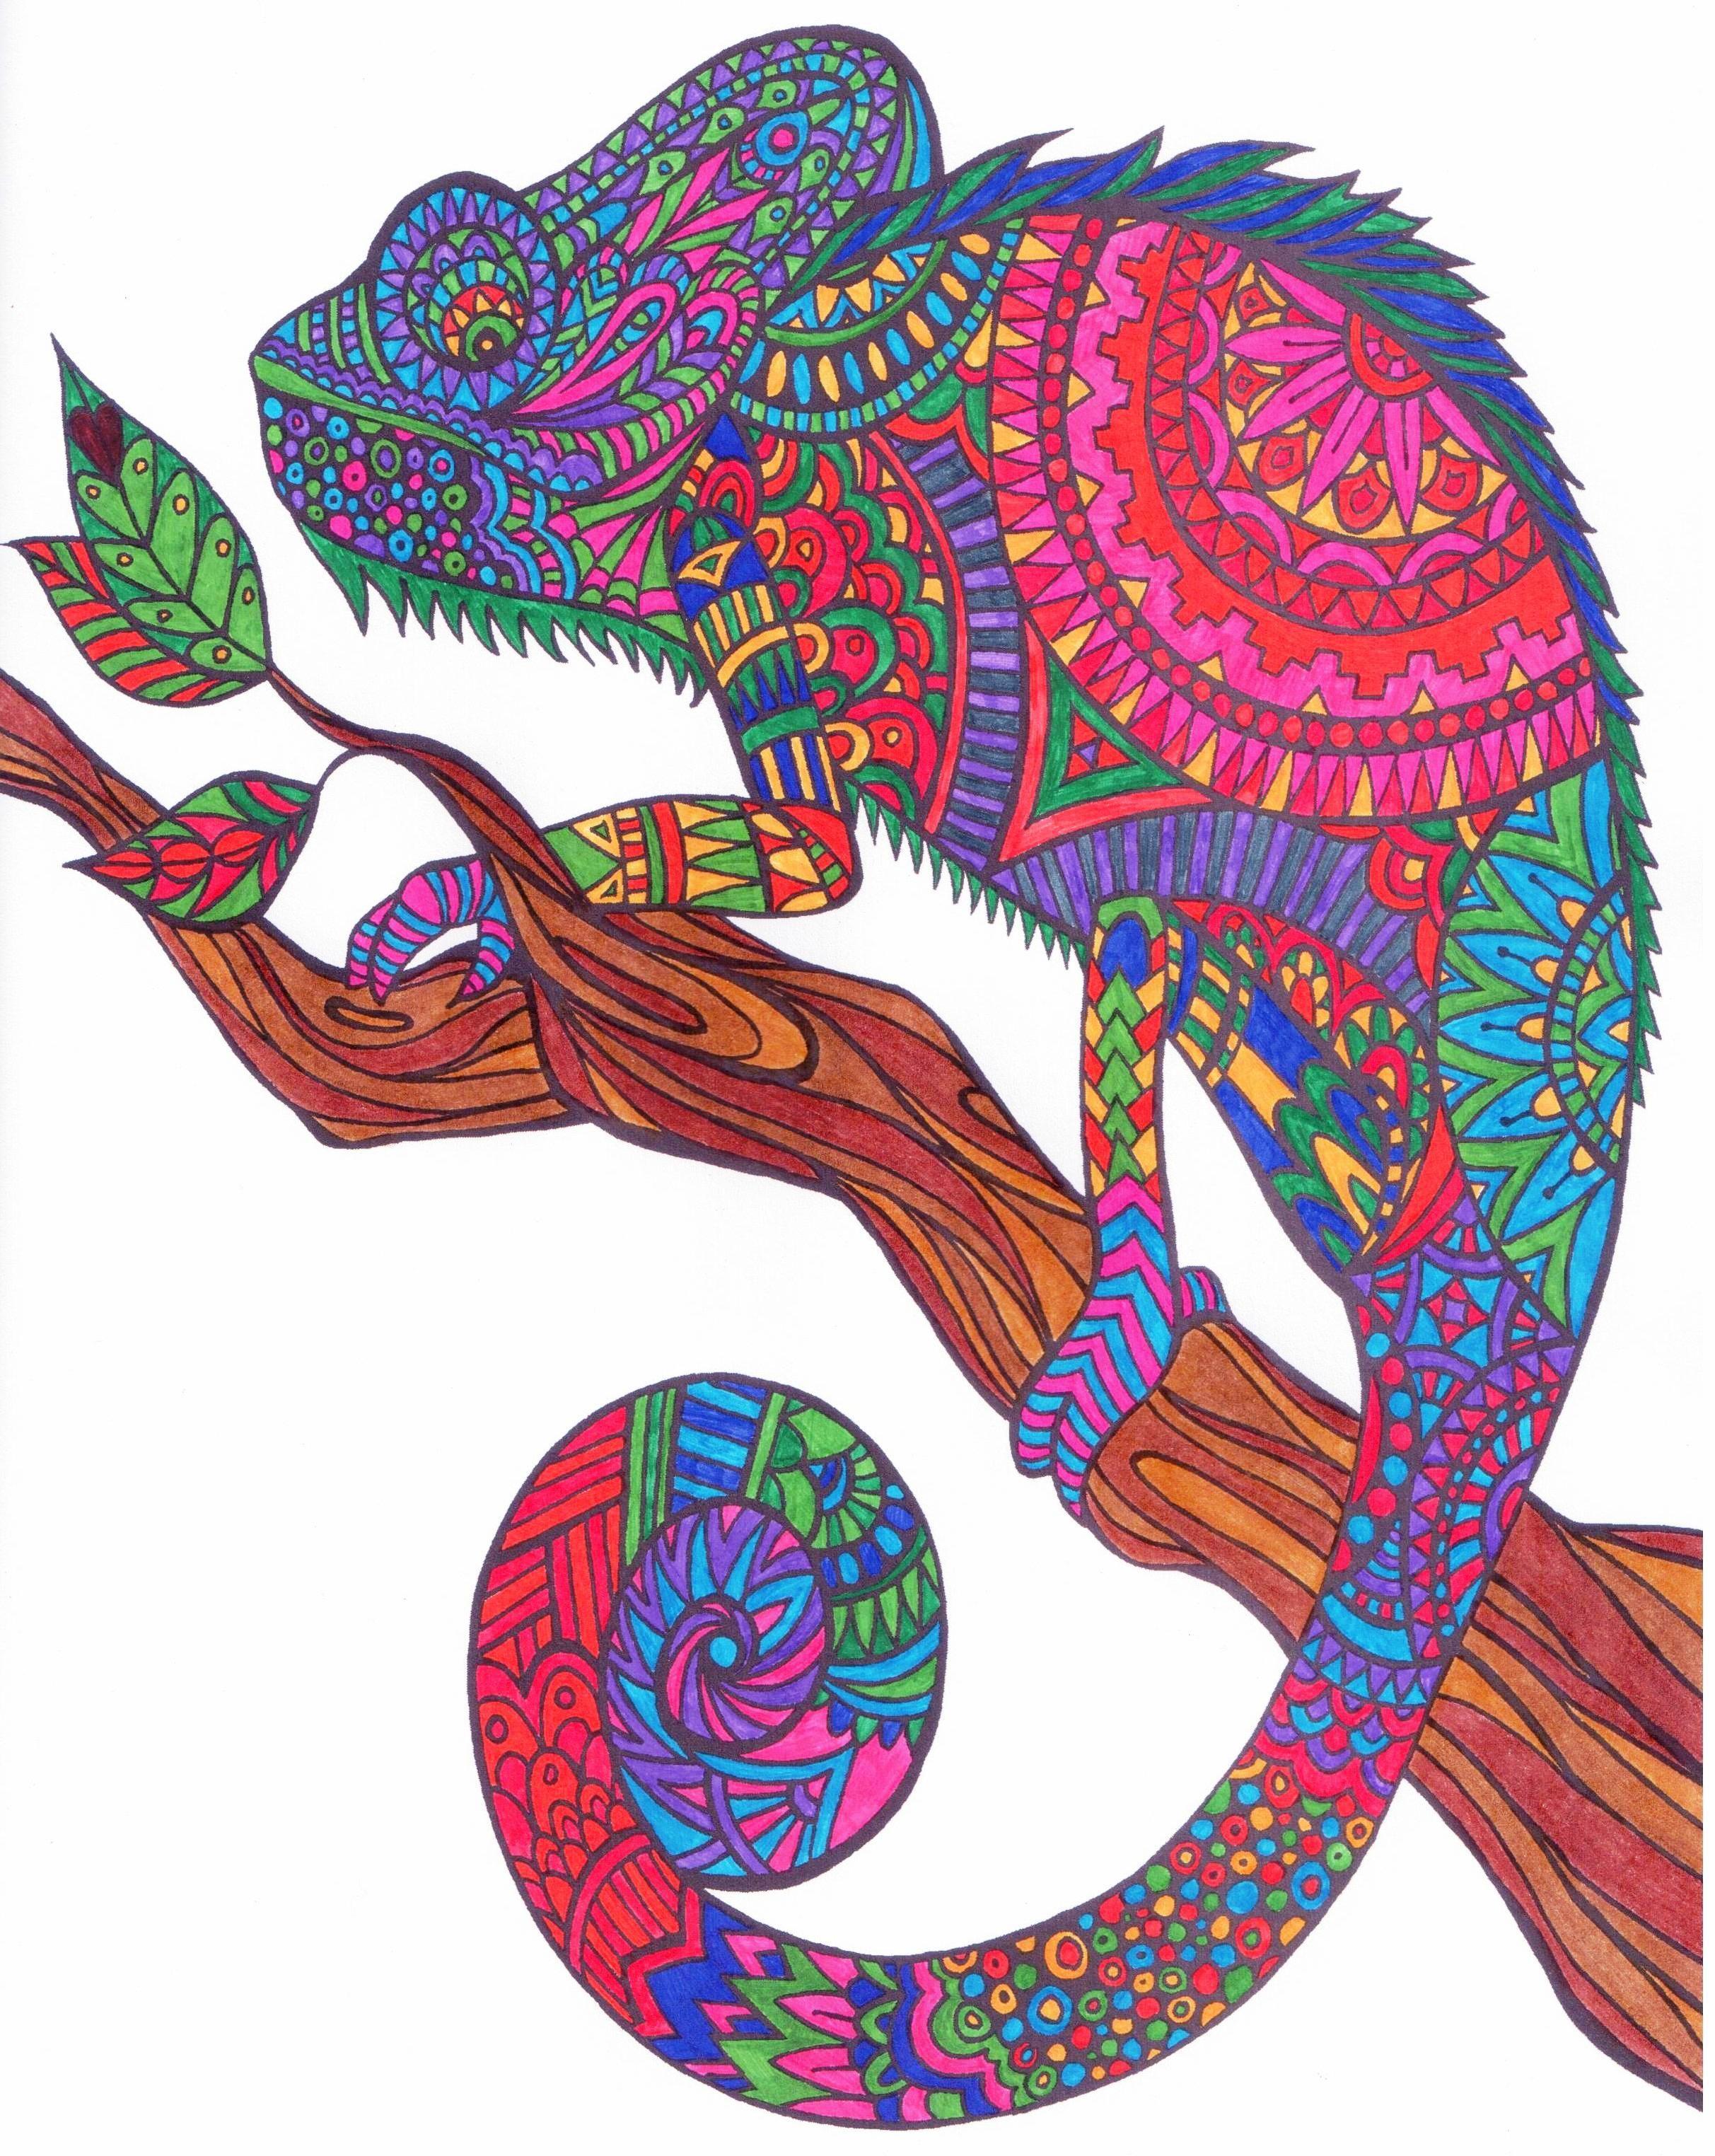 Kameleon Uit Het Blauwe Creatief Kleurboek Van Action Coloring Book Art Coloring Books Coloring Pages